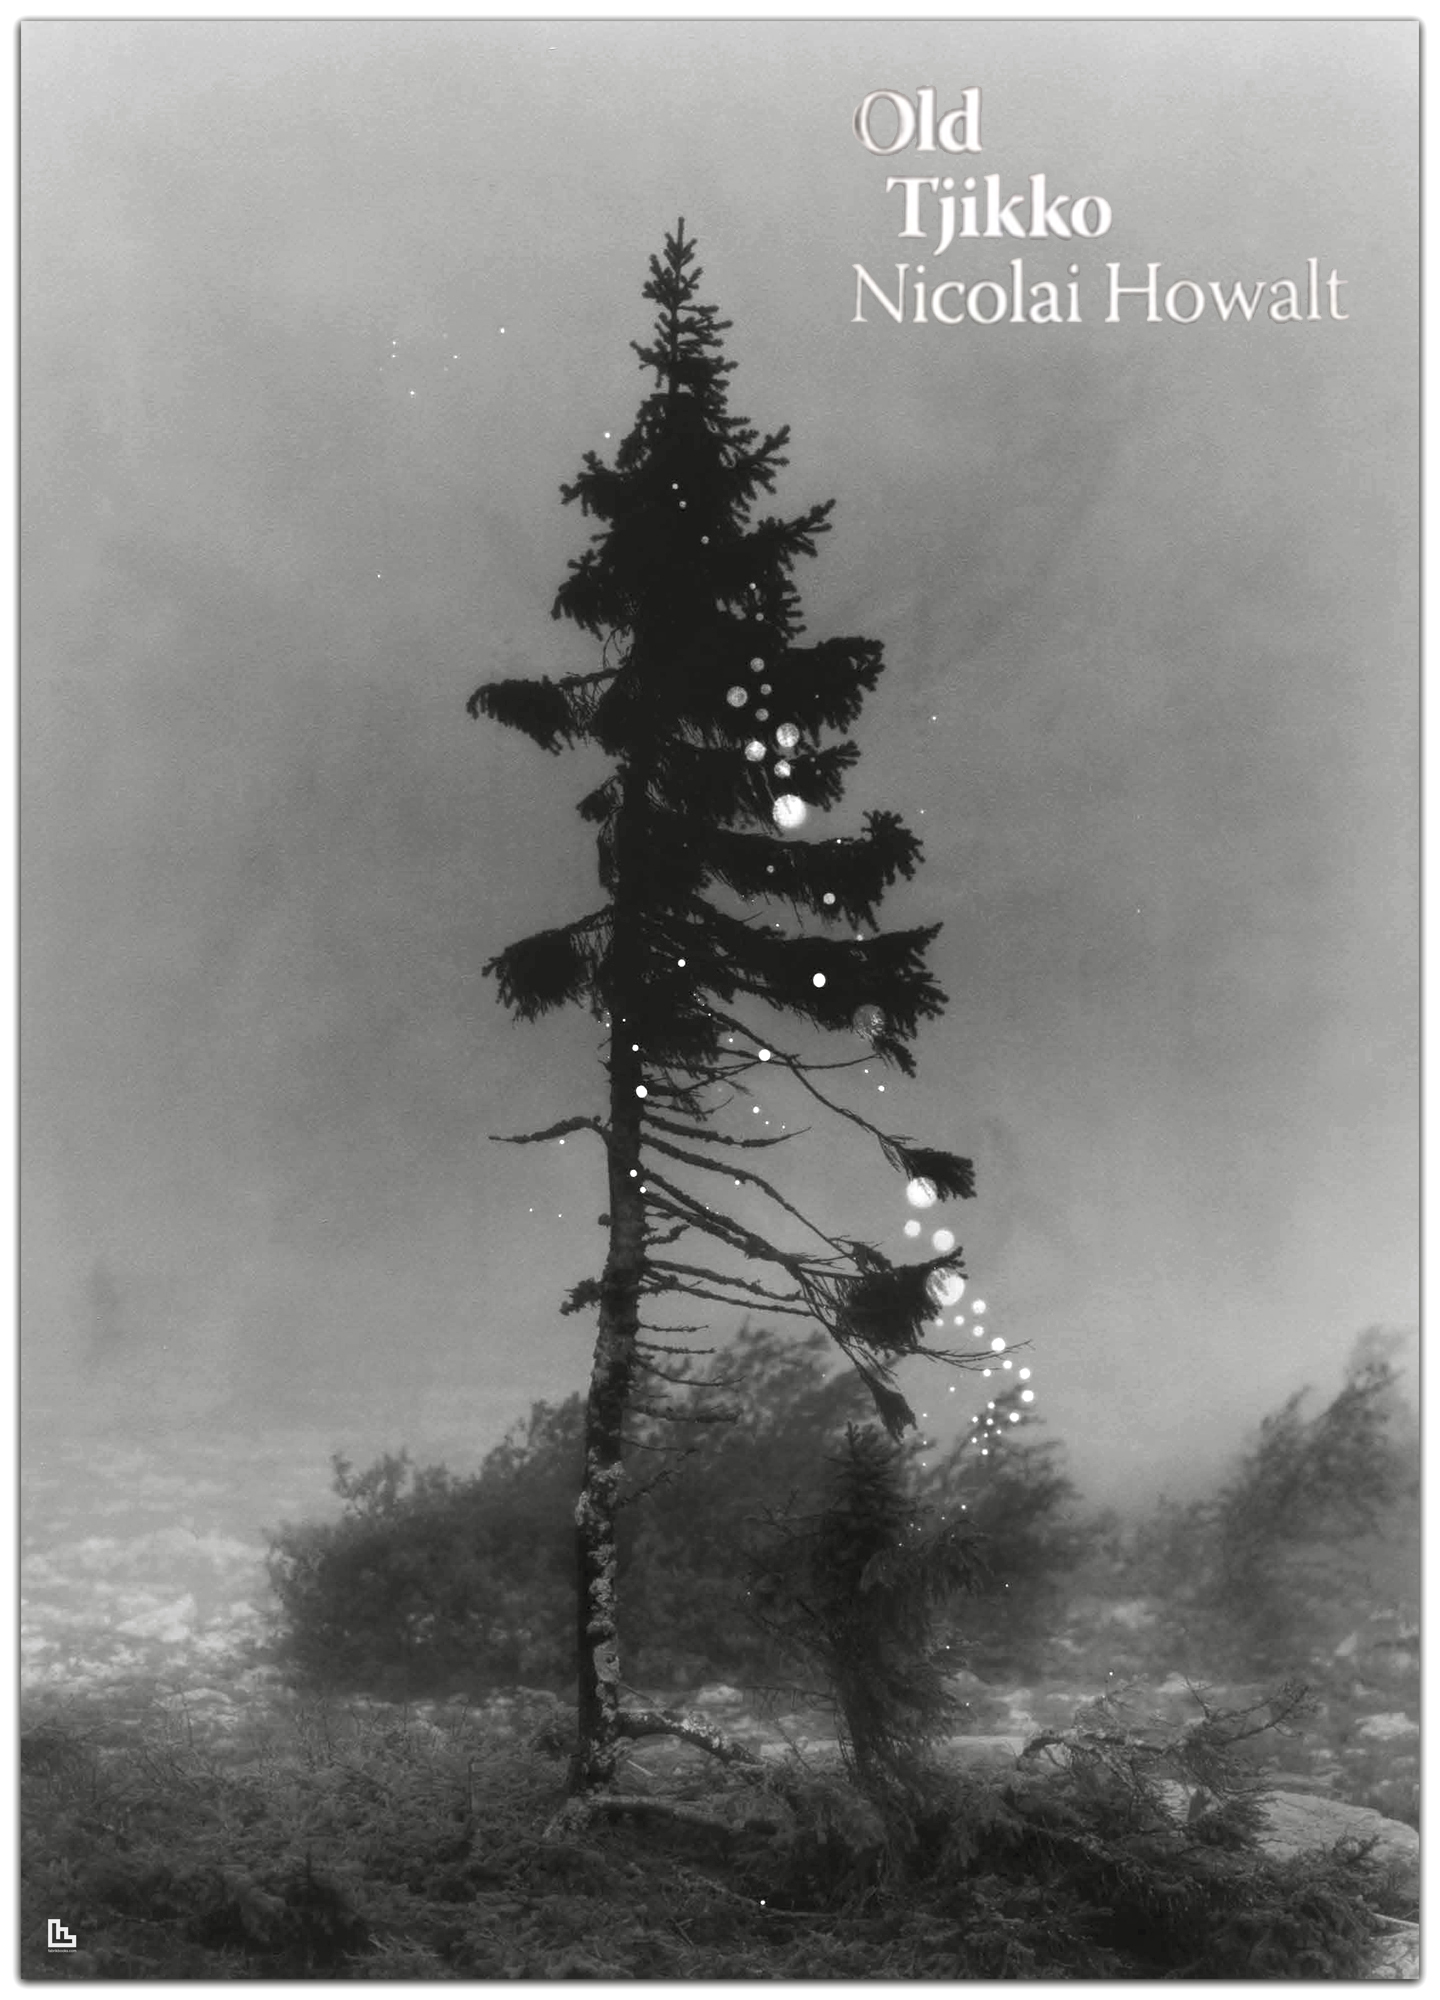 Old Tjikko poster by Nicolai Howalt